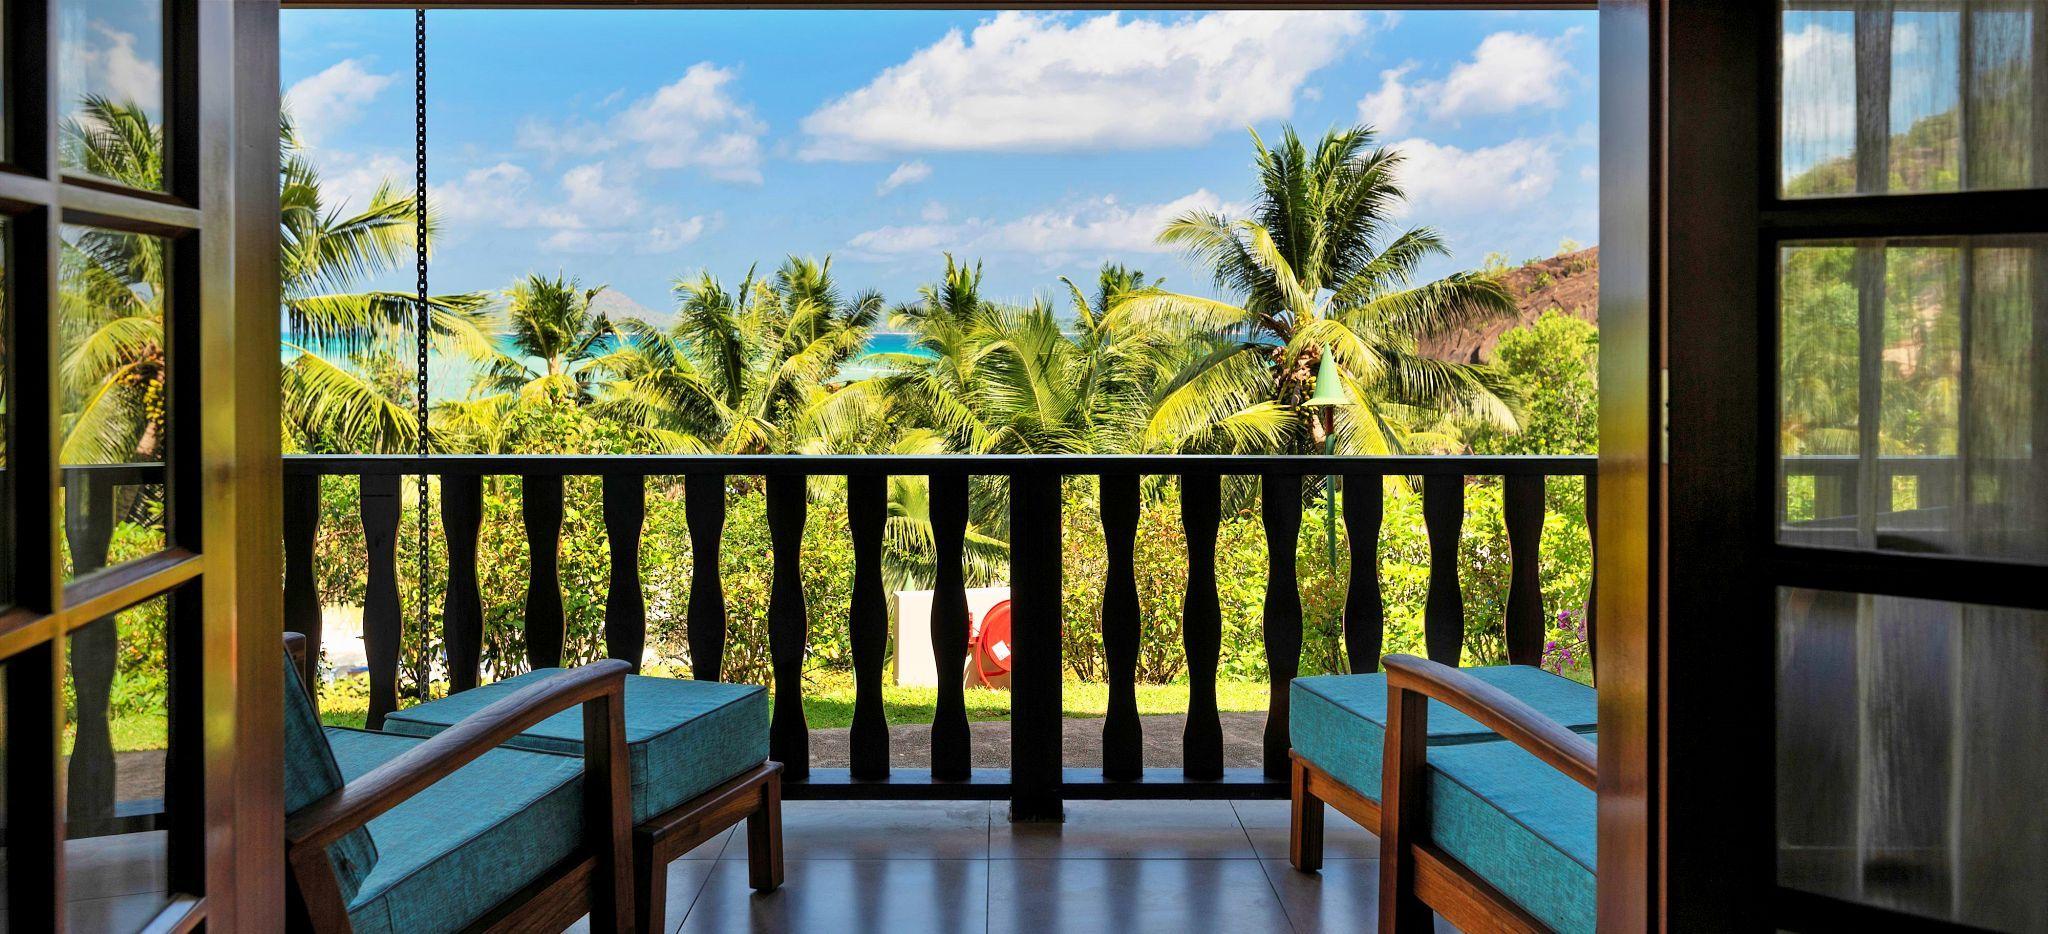 Zwei Strandliegen auf einem Balkon mit Blick auf einen Palmengarten